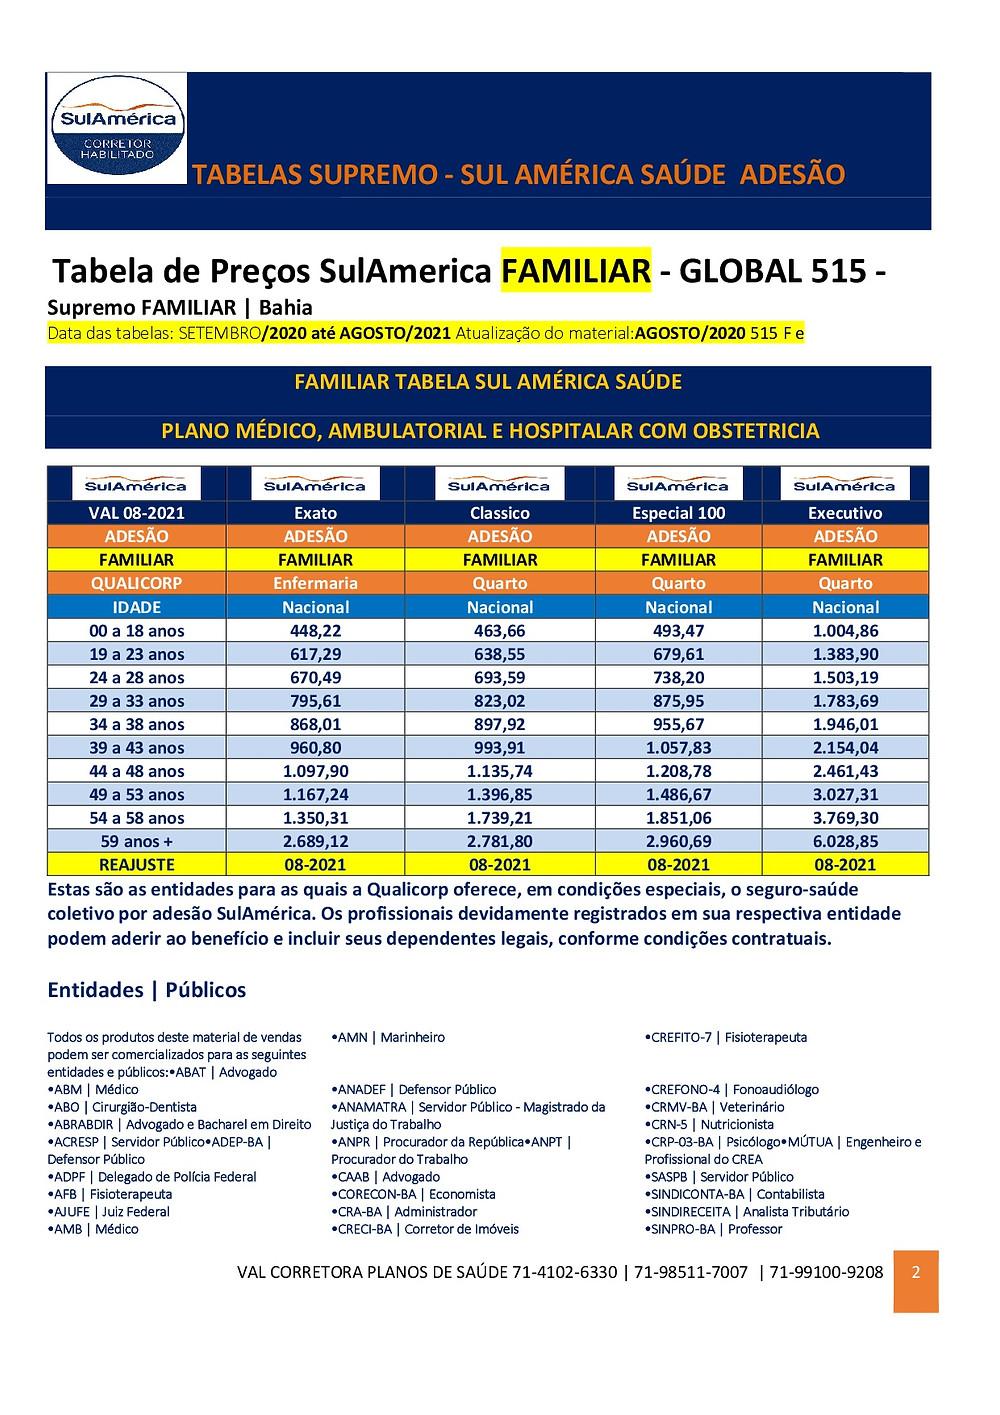 Planos de Saude SulAmerica Saude